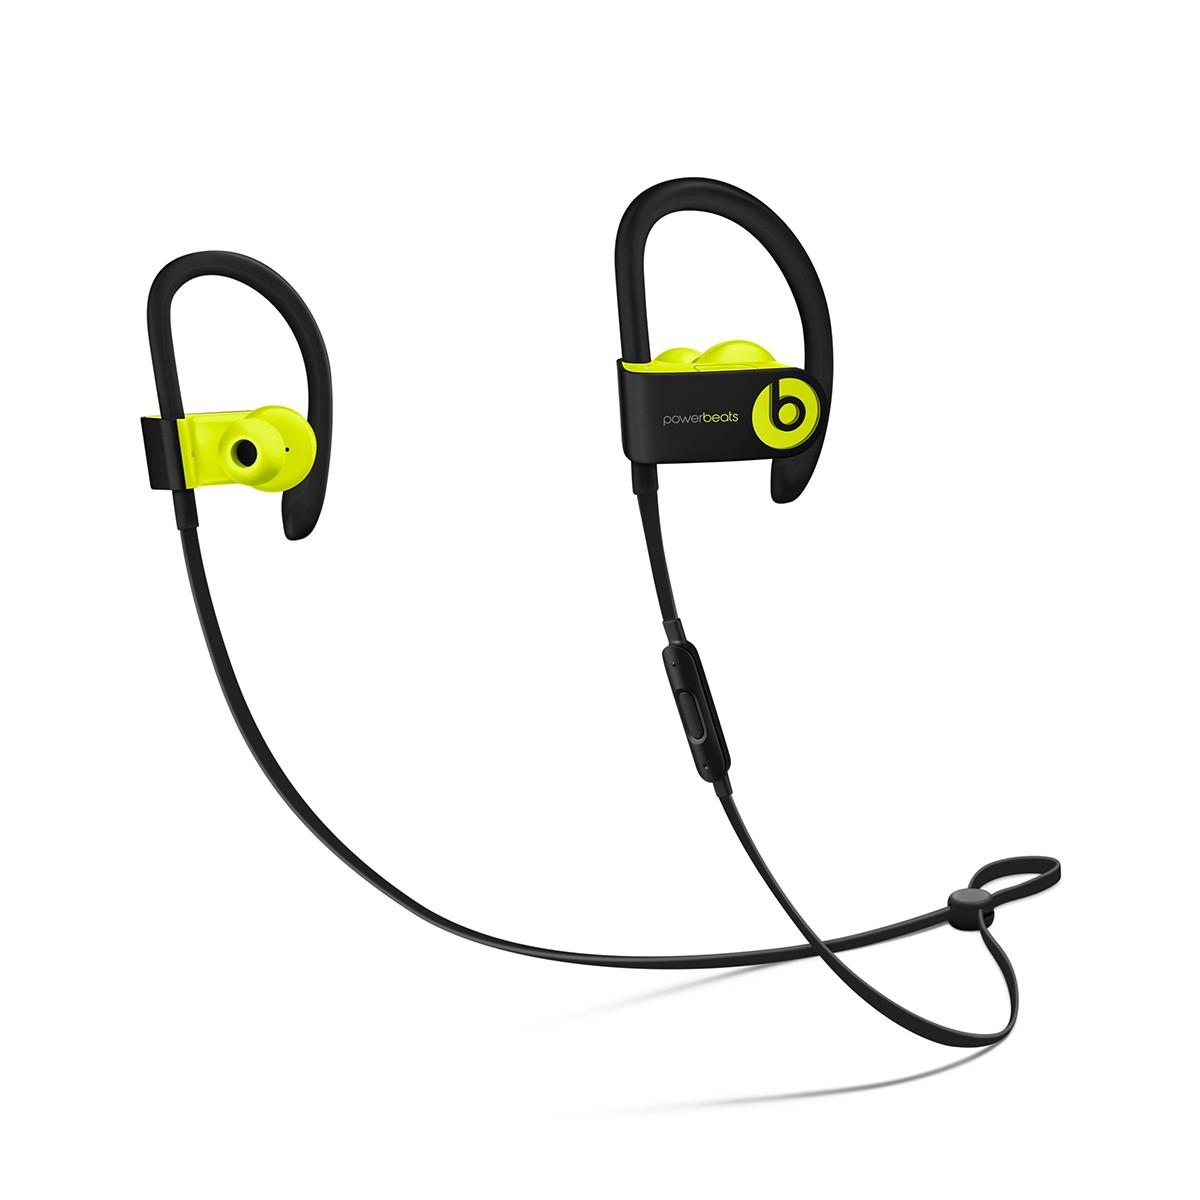 Beats Powerbeats3 Wireless bezdrátová sluchátka do uší žlutá